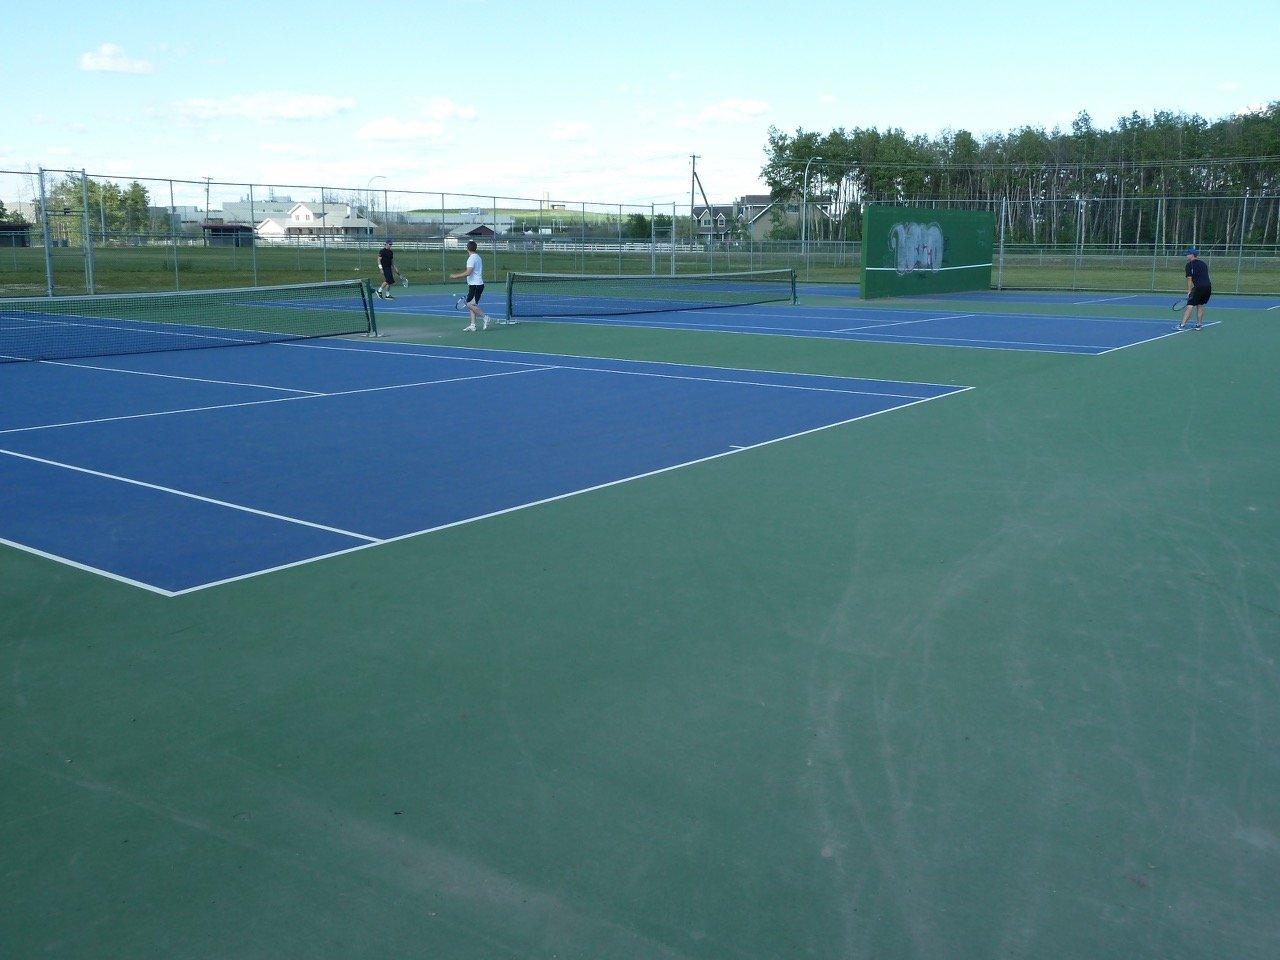 tennis-tourist-fort-saint-john-bc-tennis-court-bill-adair